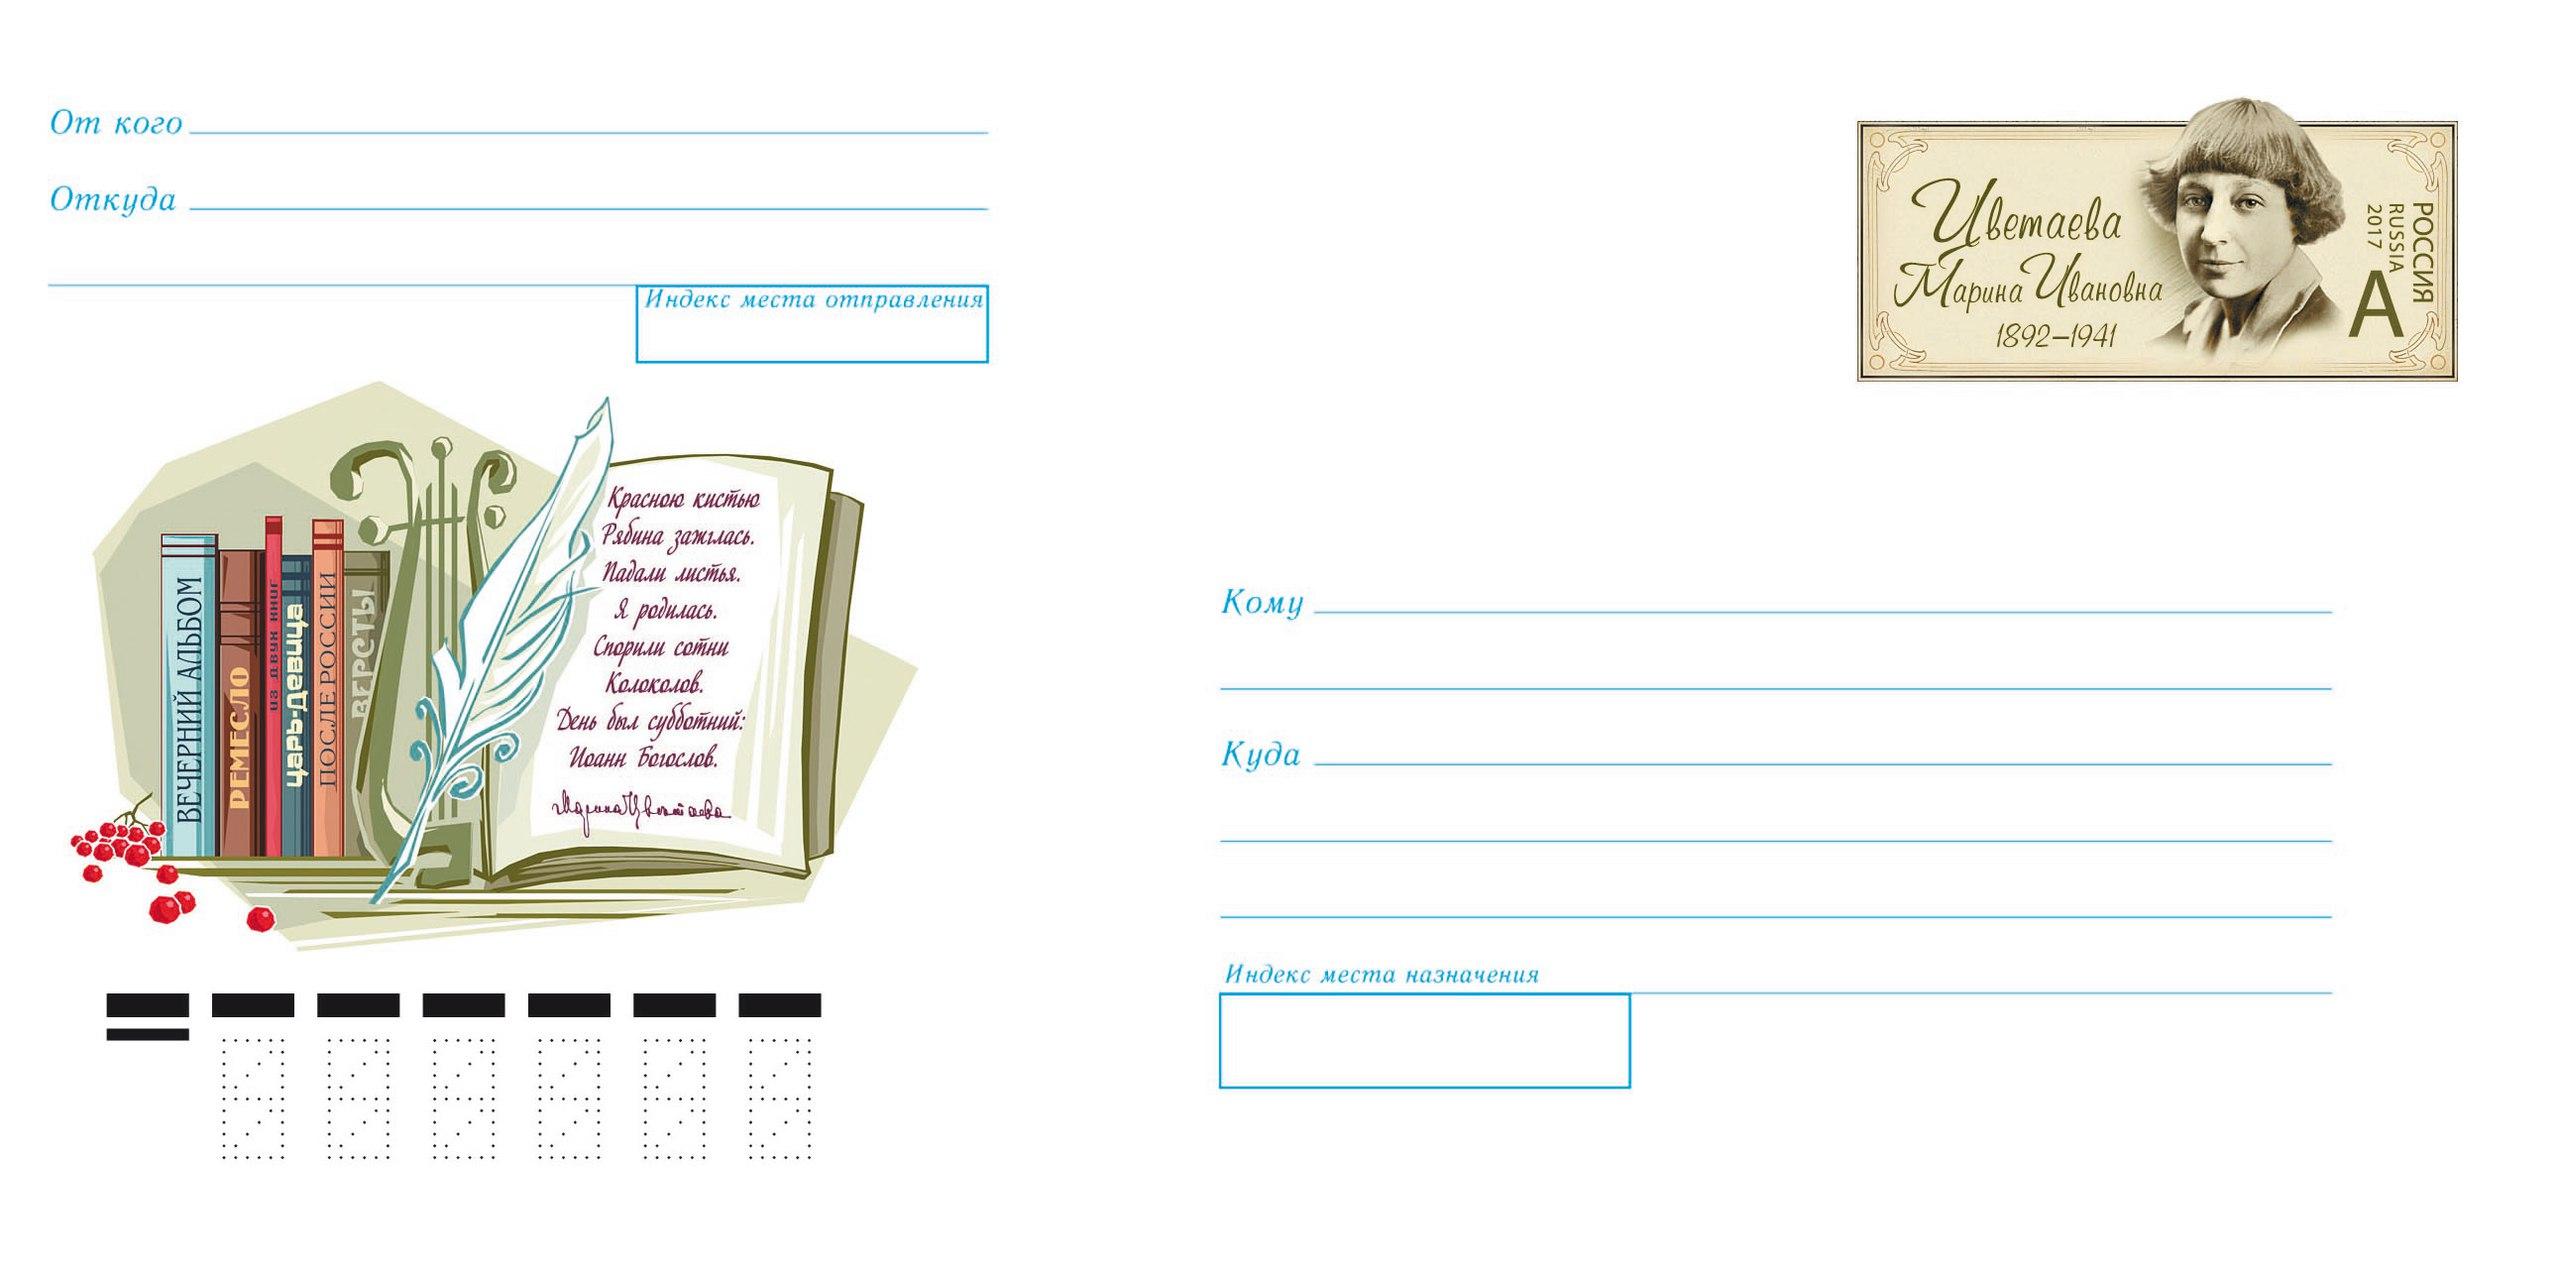 Конверт с маркой картинка, открытка графические картинки